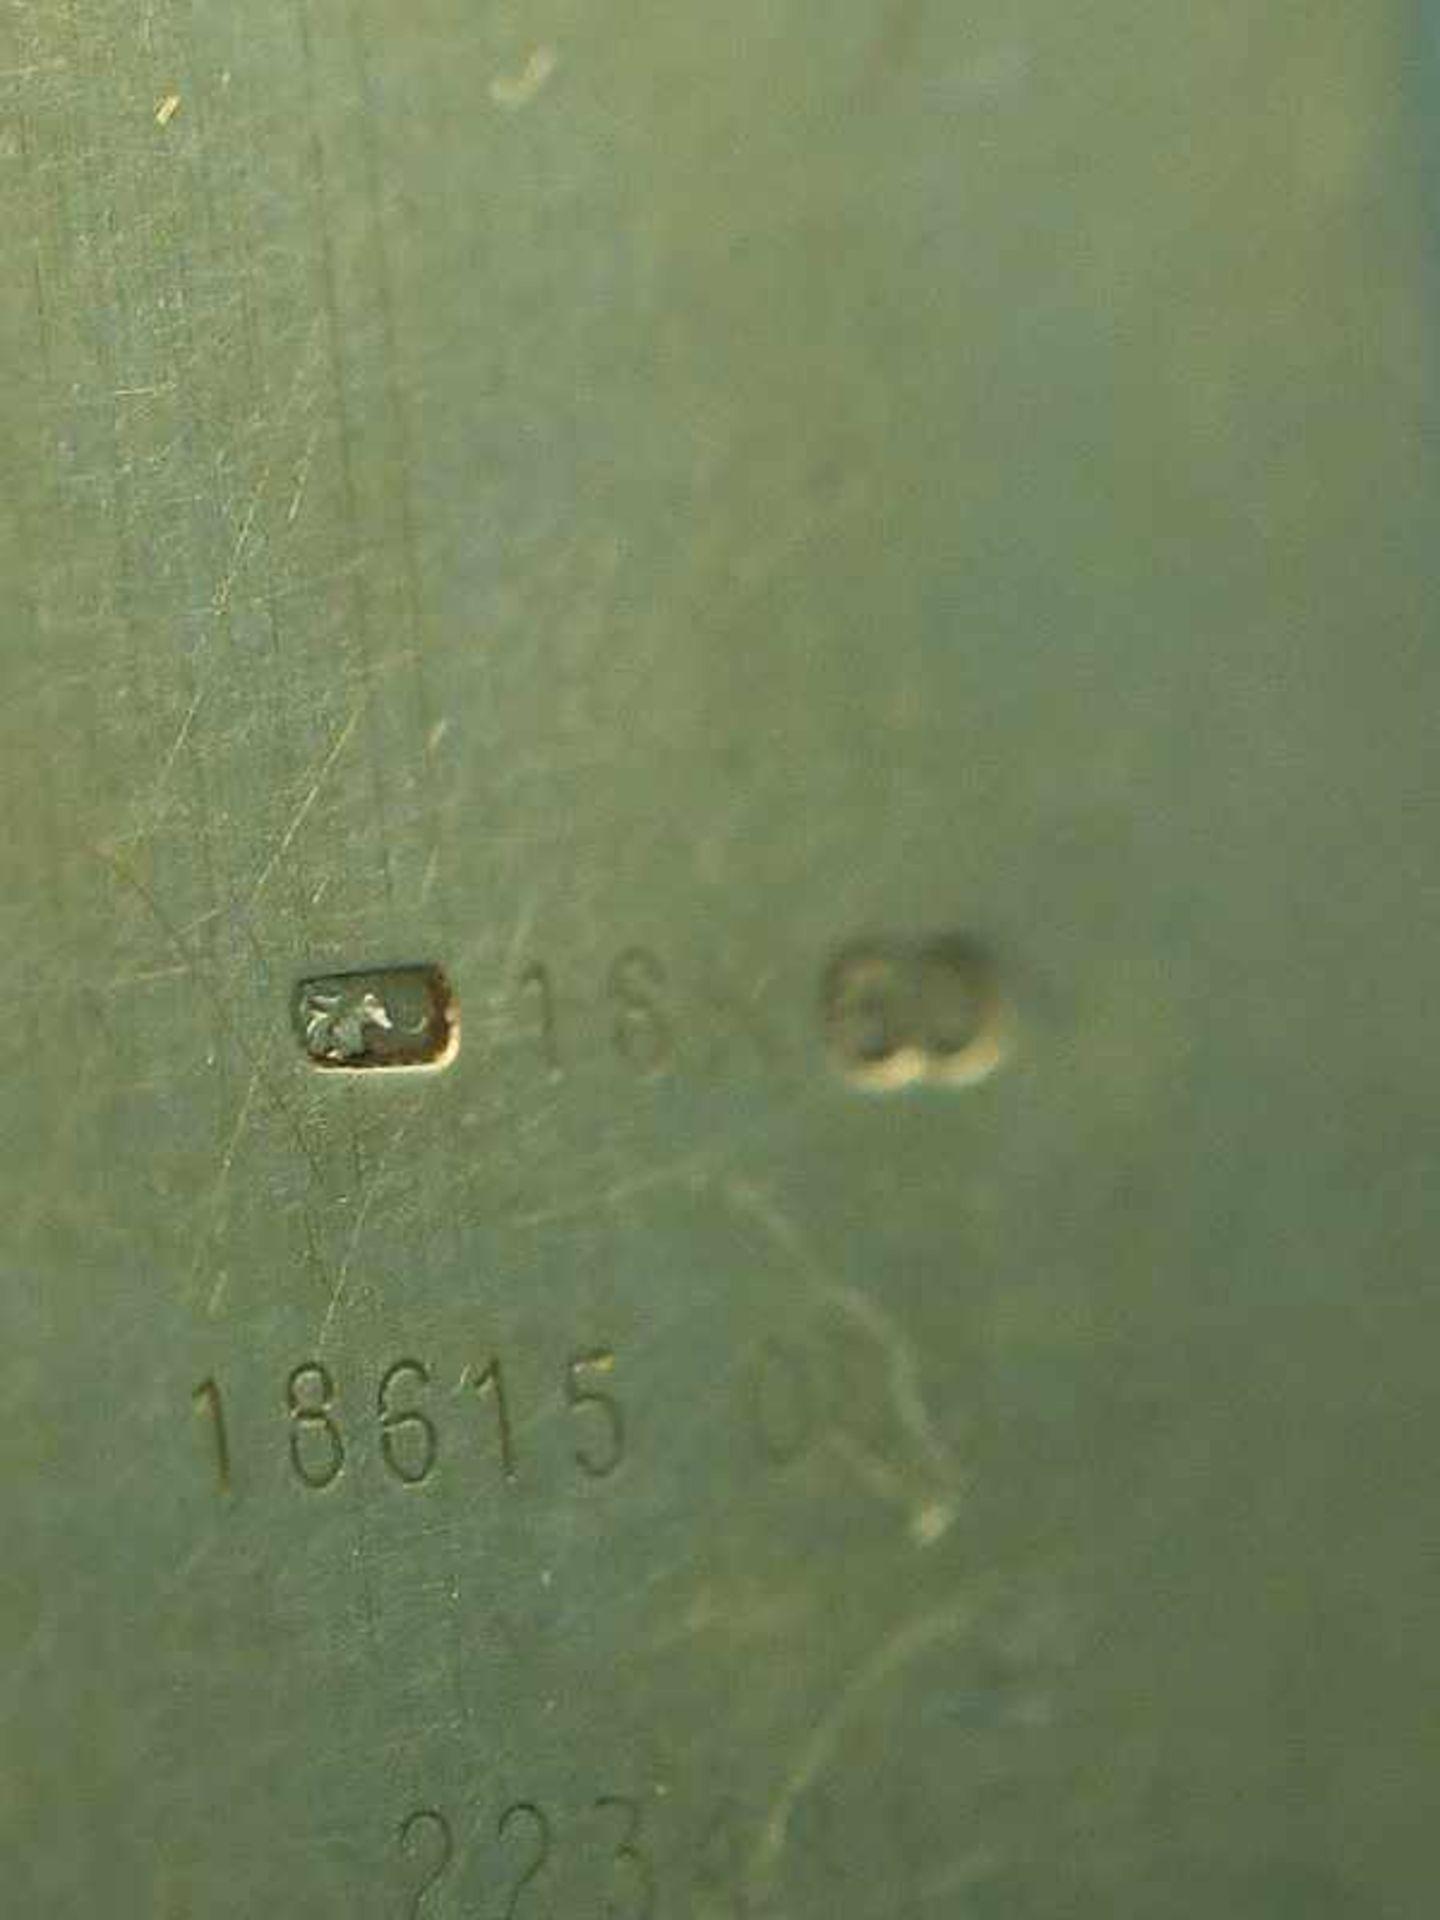 Damenarmbanduhr mit Brillanten, zusammen ca. 0,5 ct, bezeichnet Baume & Mercier, Geneve, 20. Jh. - Bild 5 aus 7